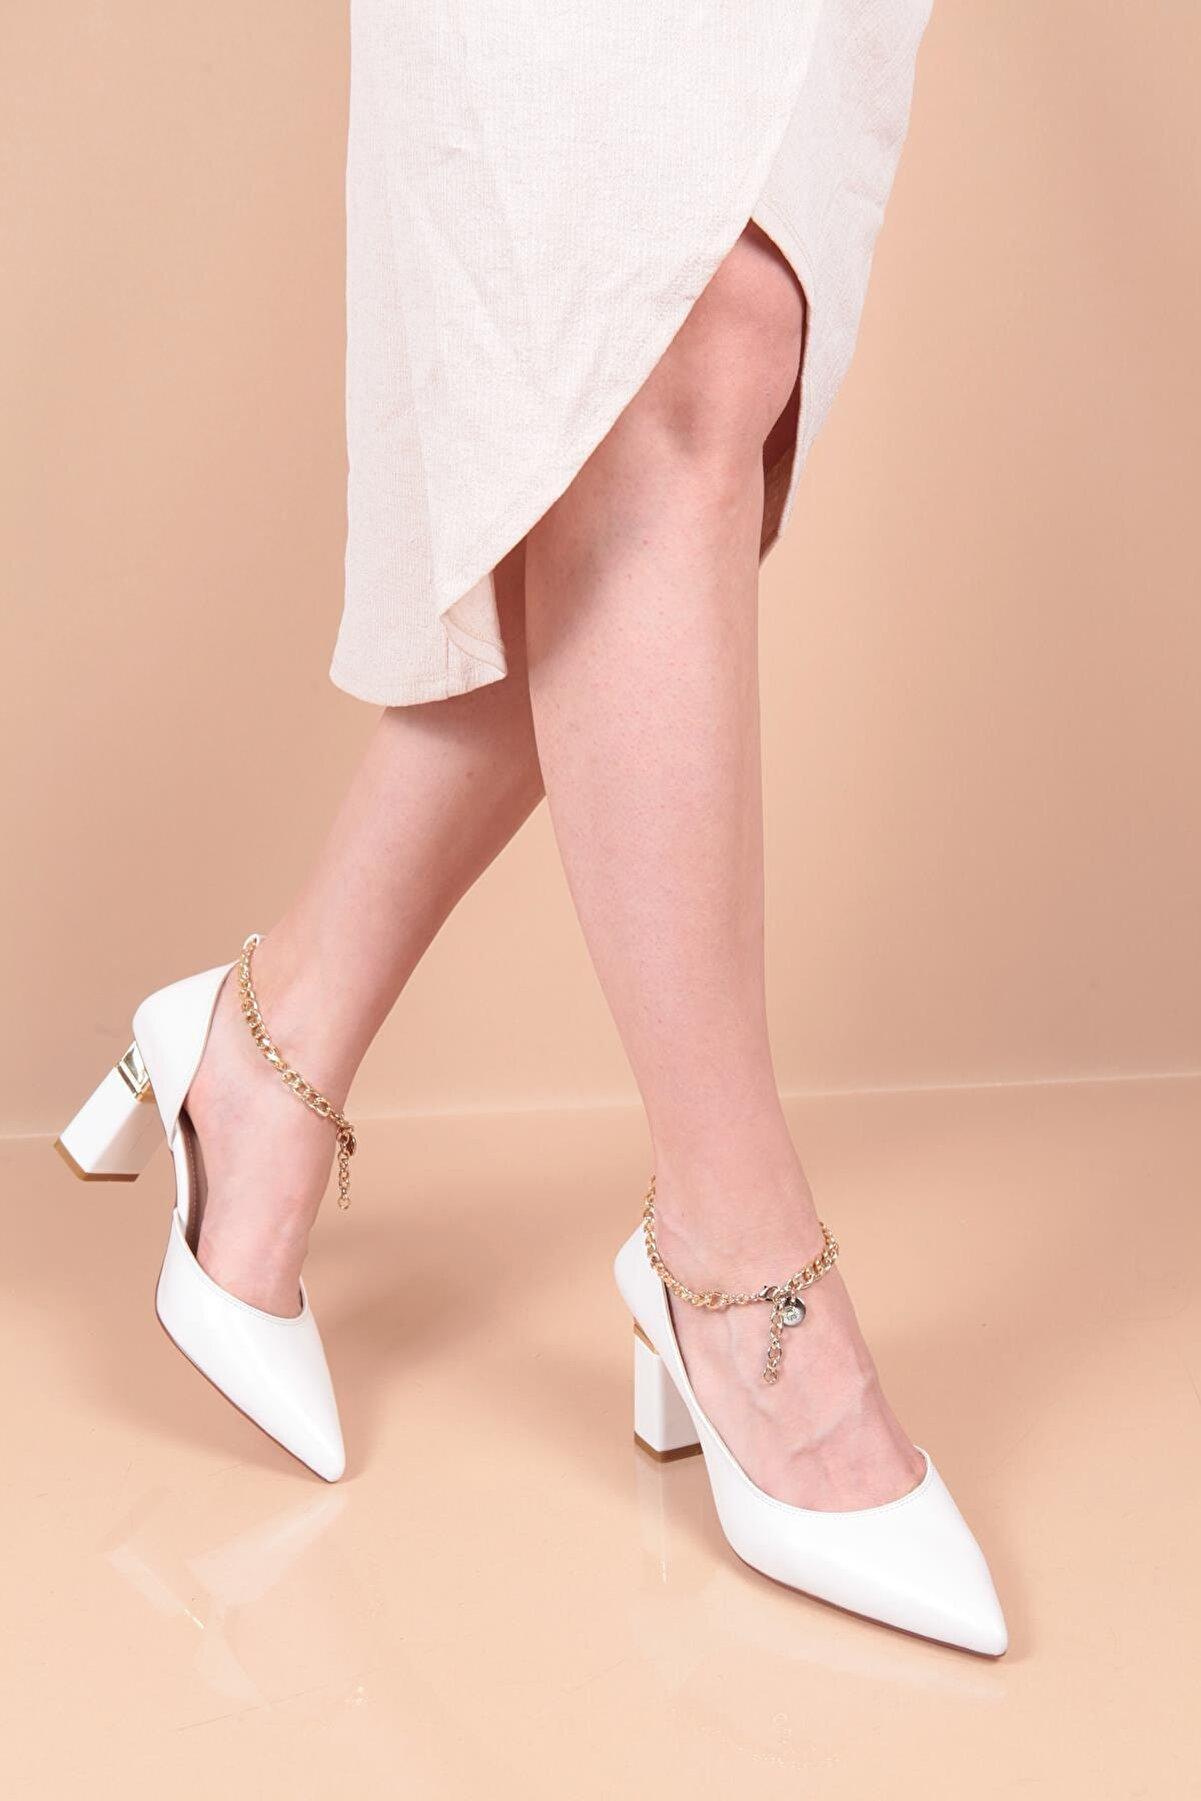 Capone Outfitters Capone 1201 Kadın Zincirli Topuklu Ayakkabı